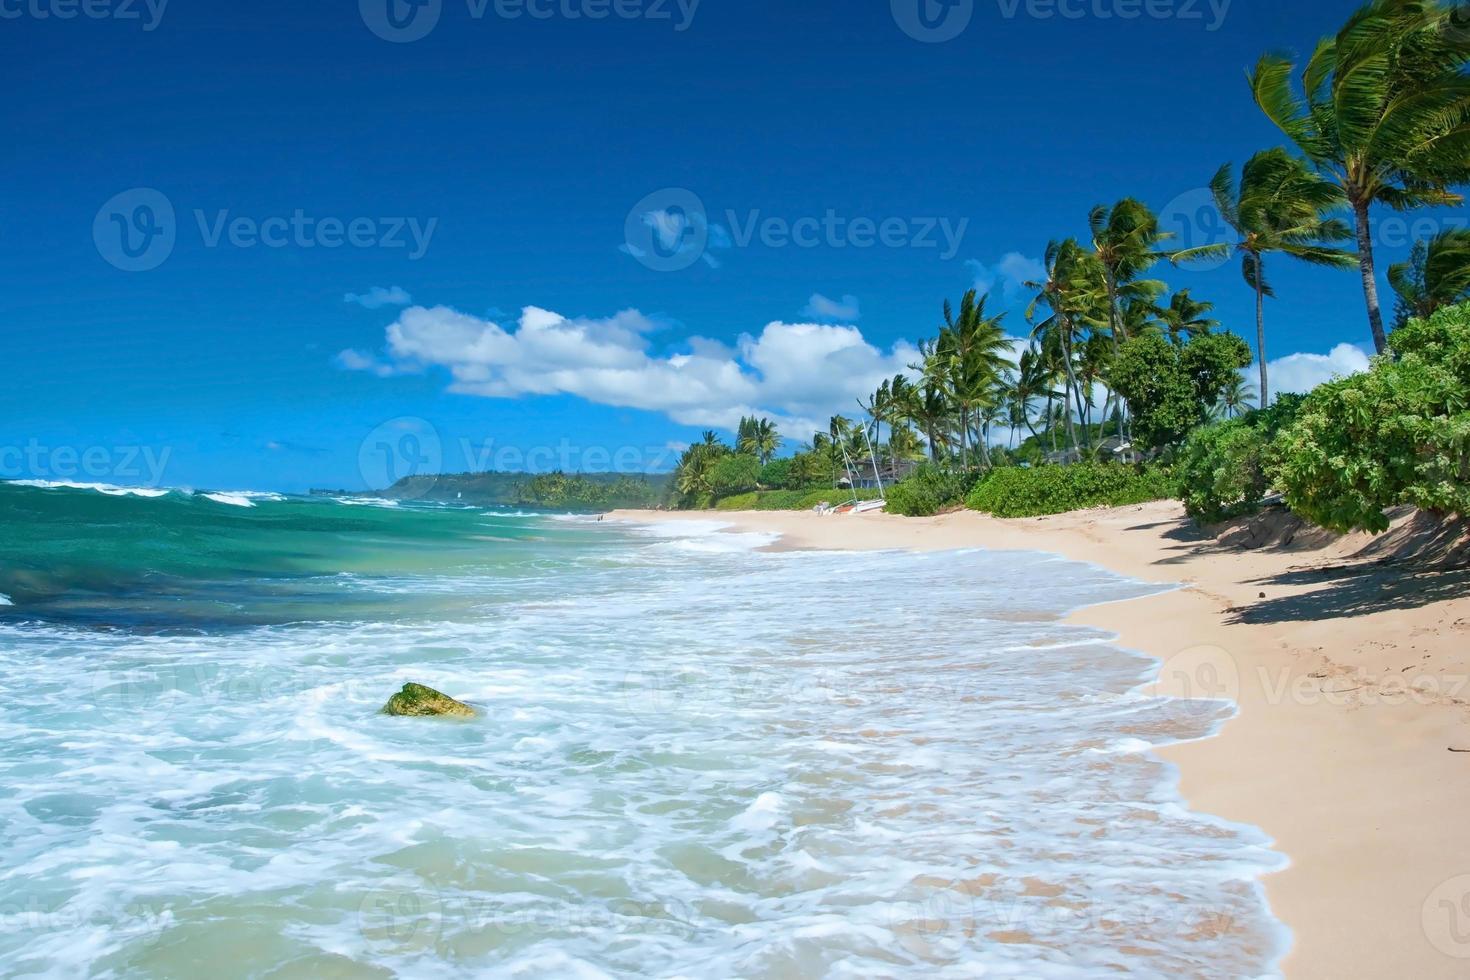 unberührter Sandstrand mit Palmen und azurblauem Ozean foto